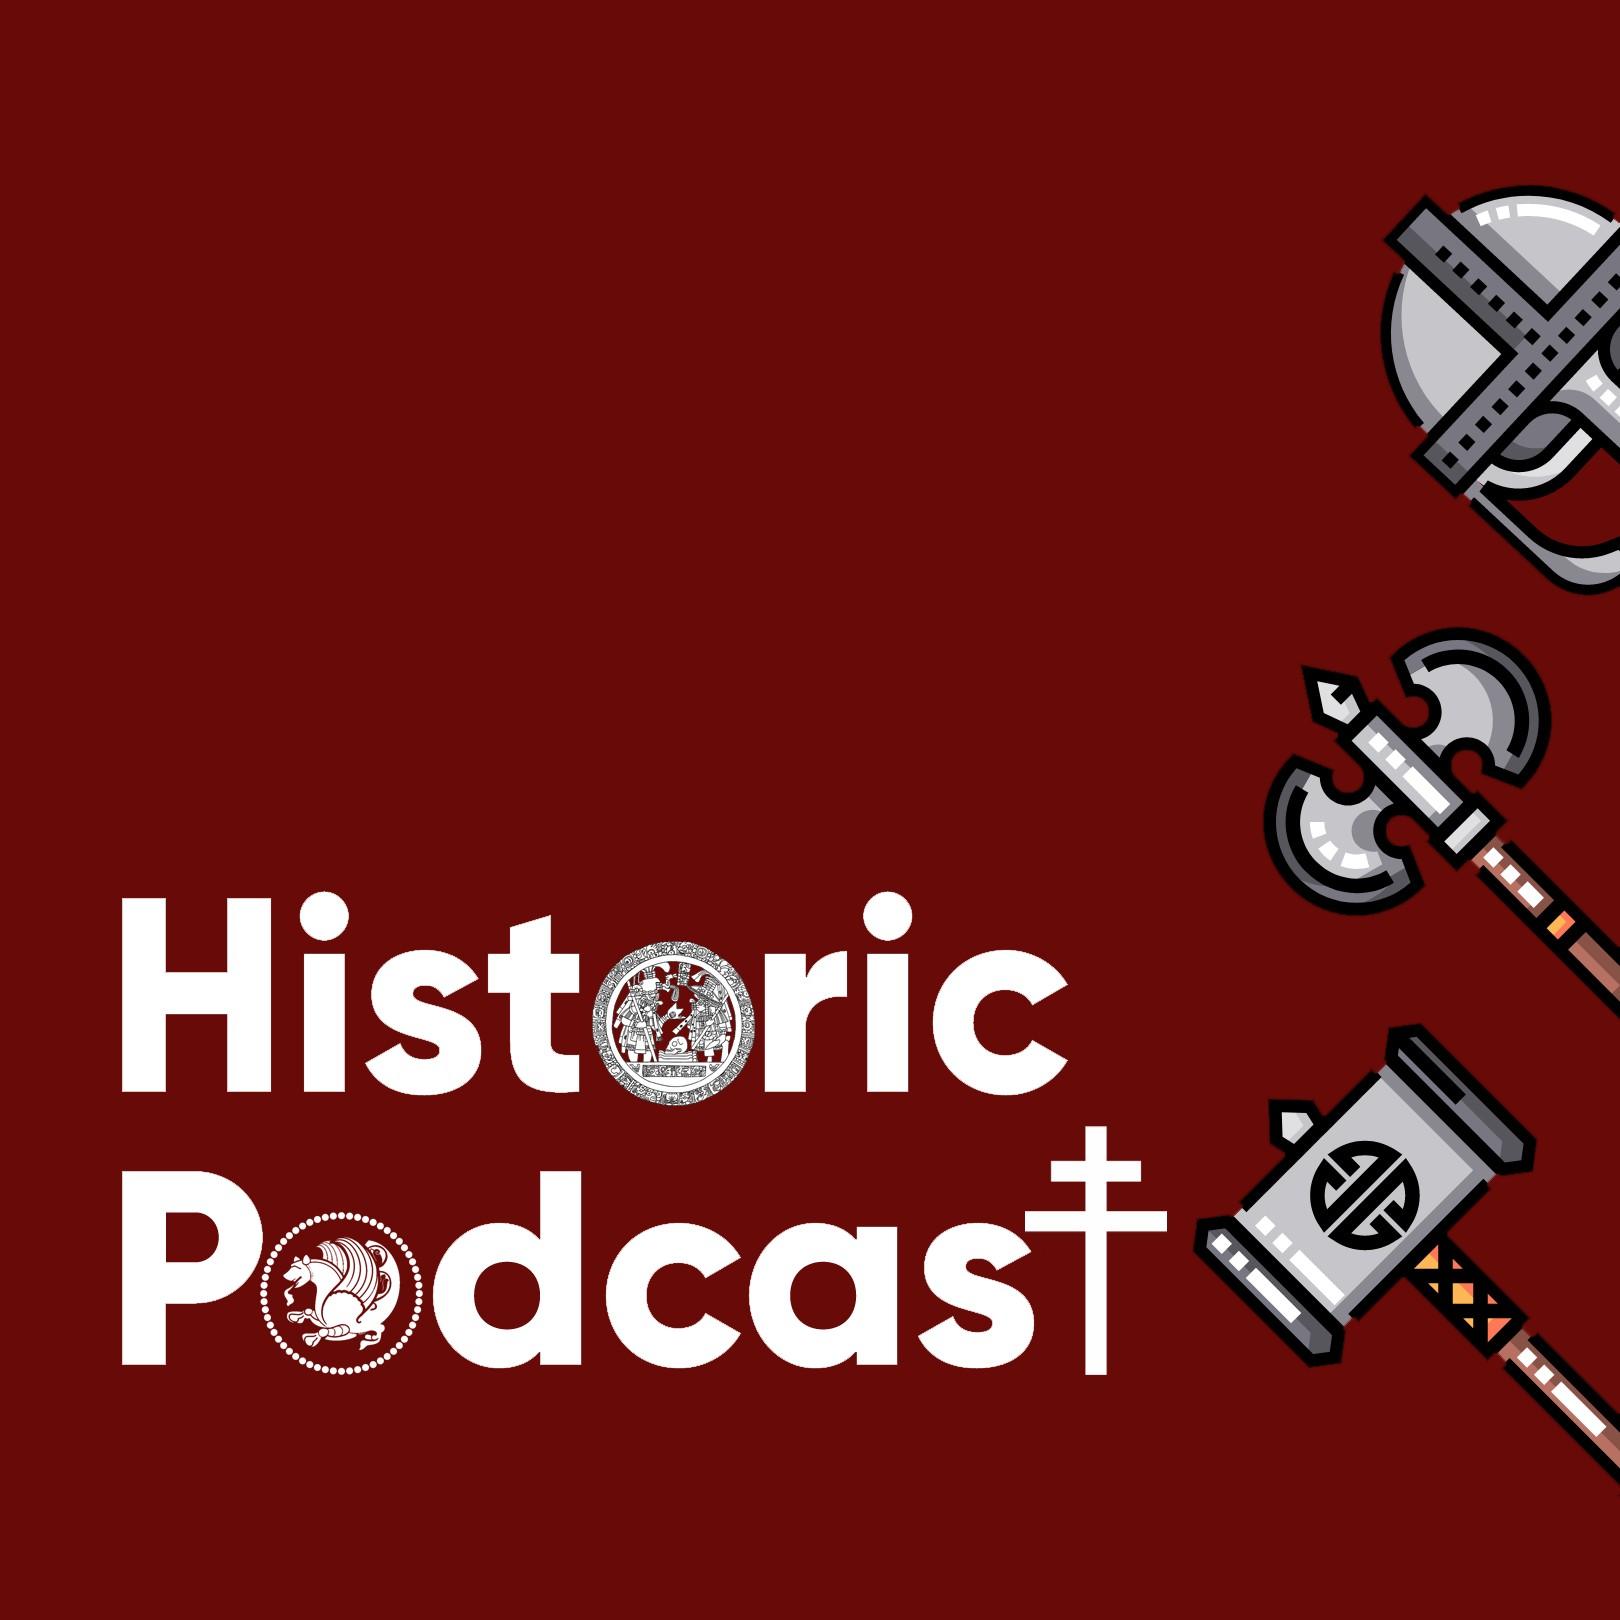 پادکست هیستاریک | Historic Podcast